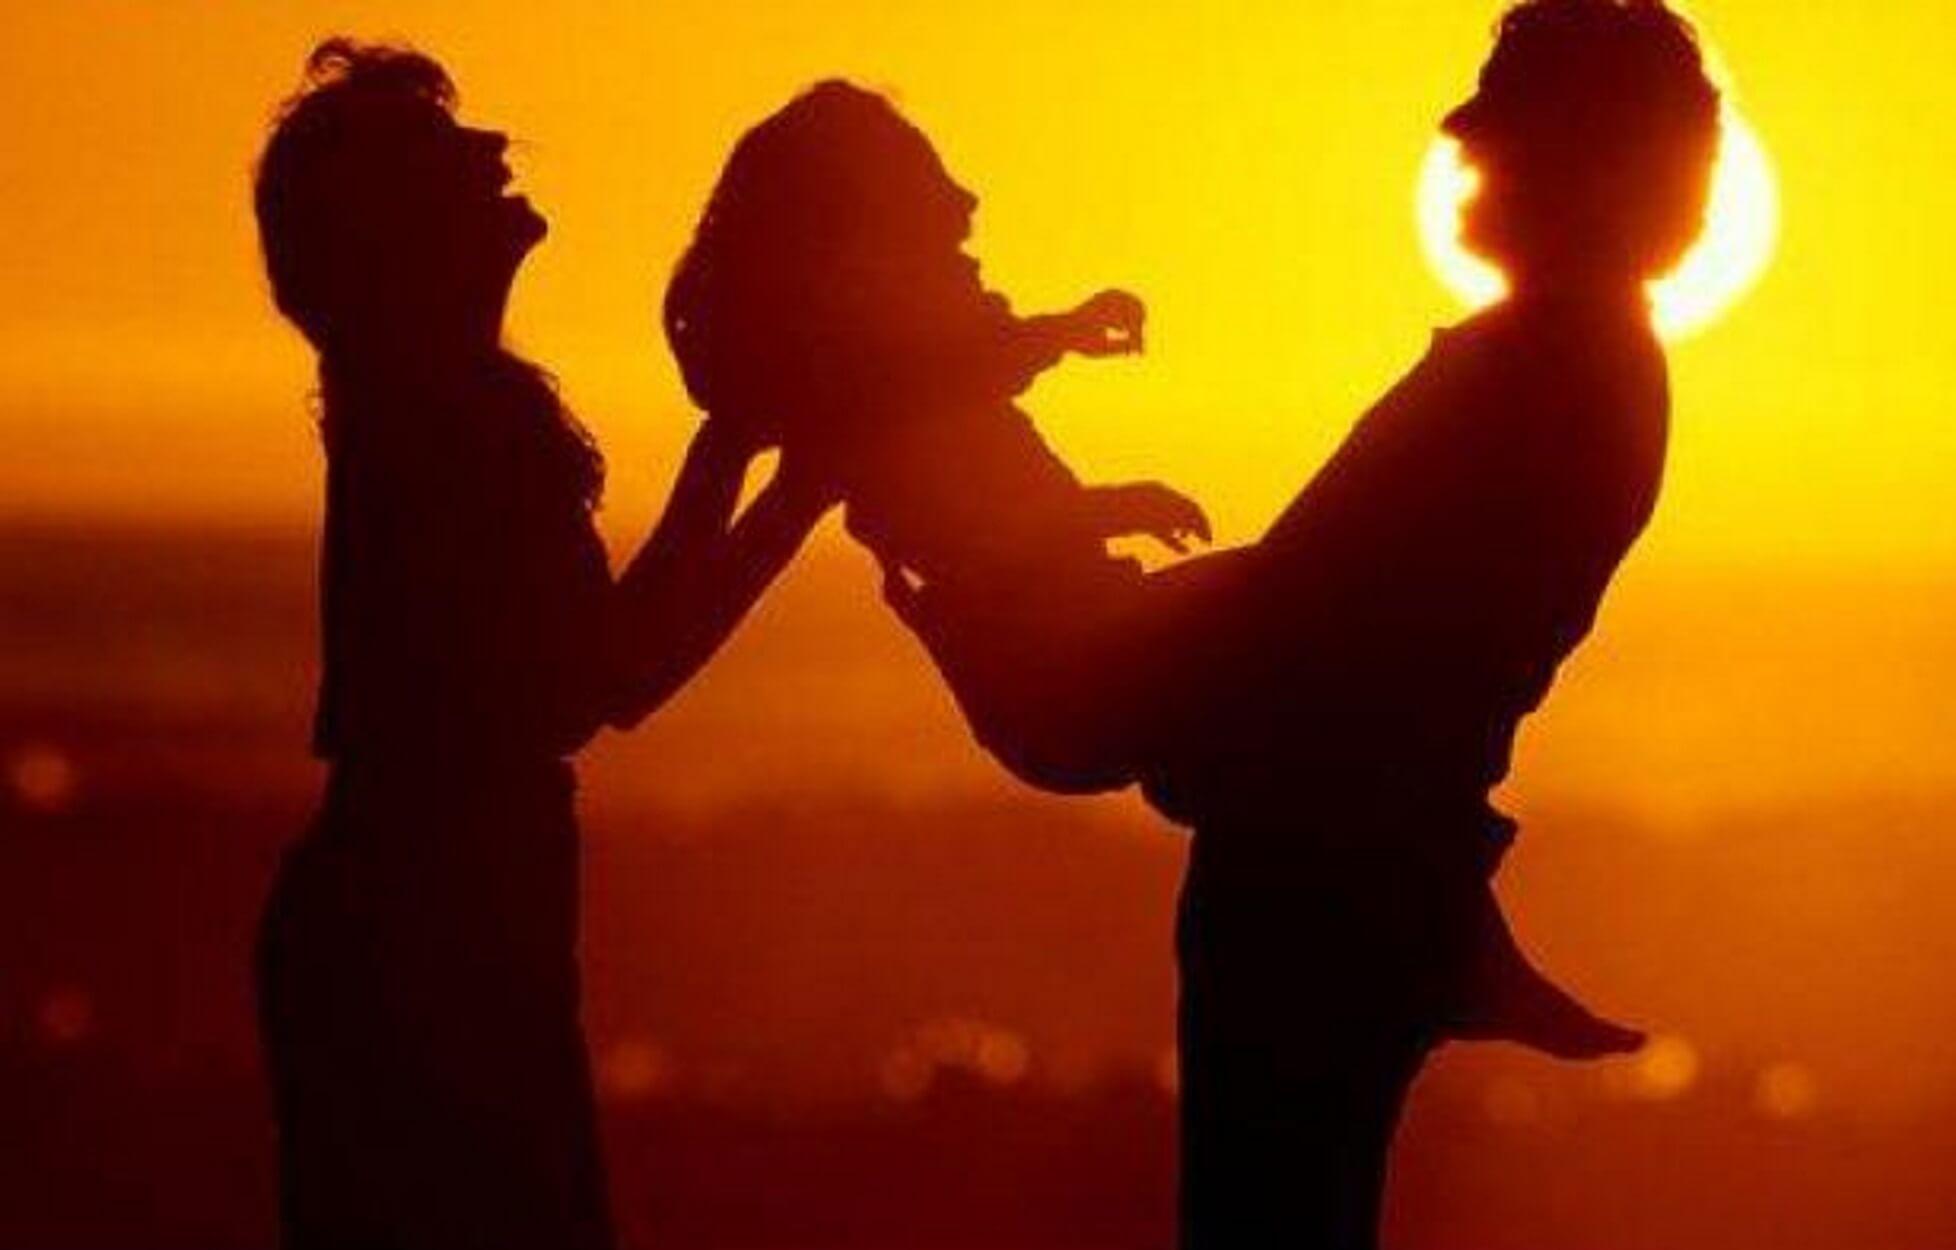 Νέες γονικές άδειες: Οι δικαιούχοι και οι εξαιρέσεις για γονείς πολύδυμων τέκνων